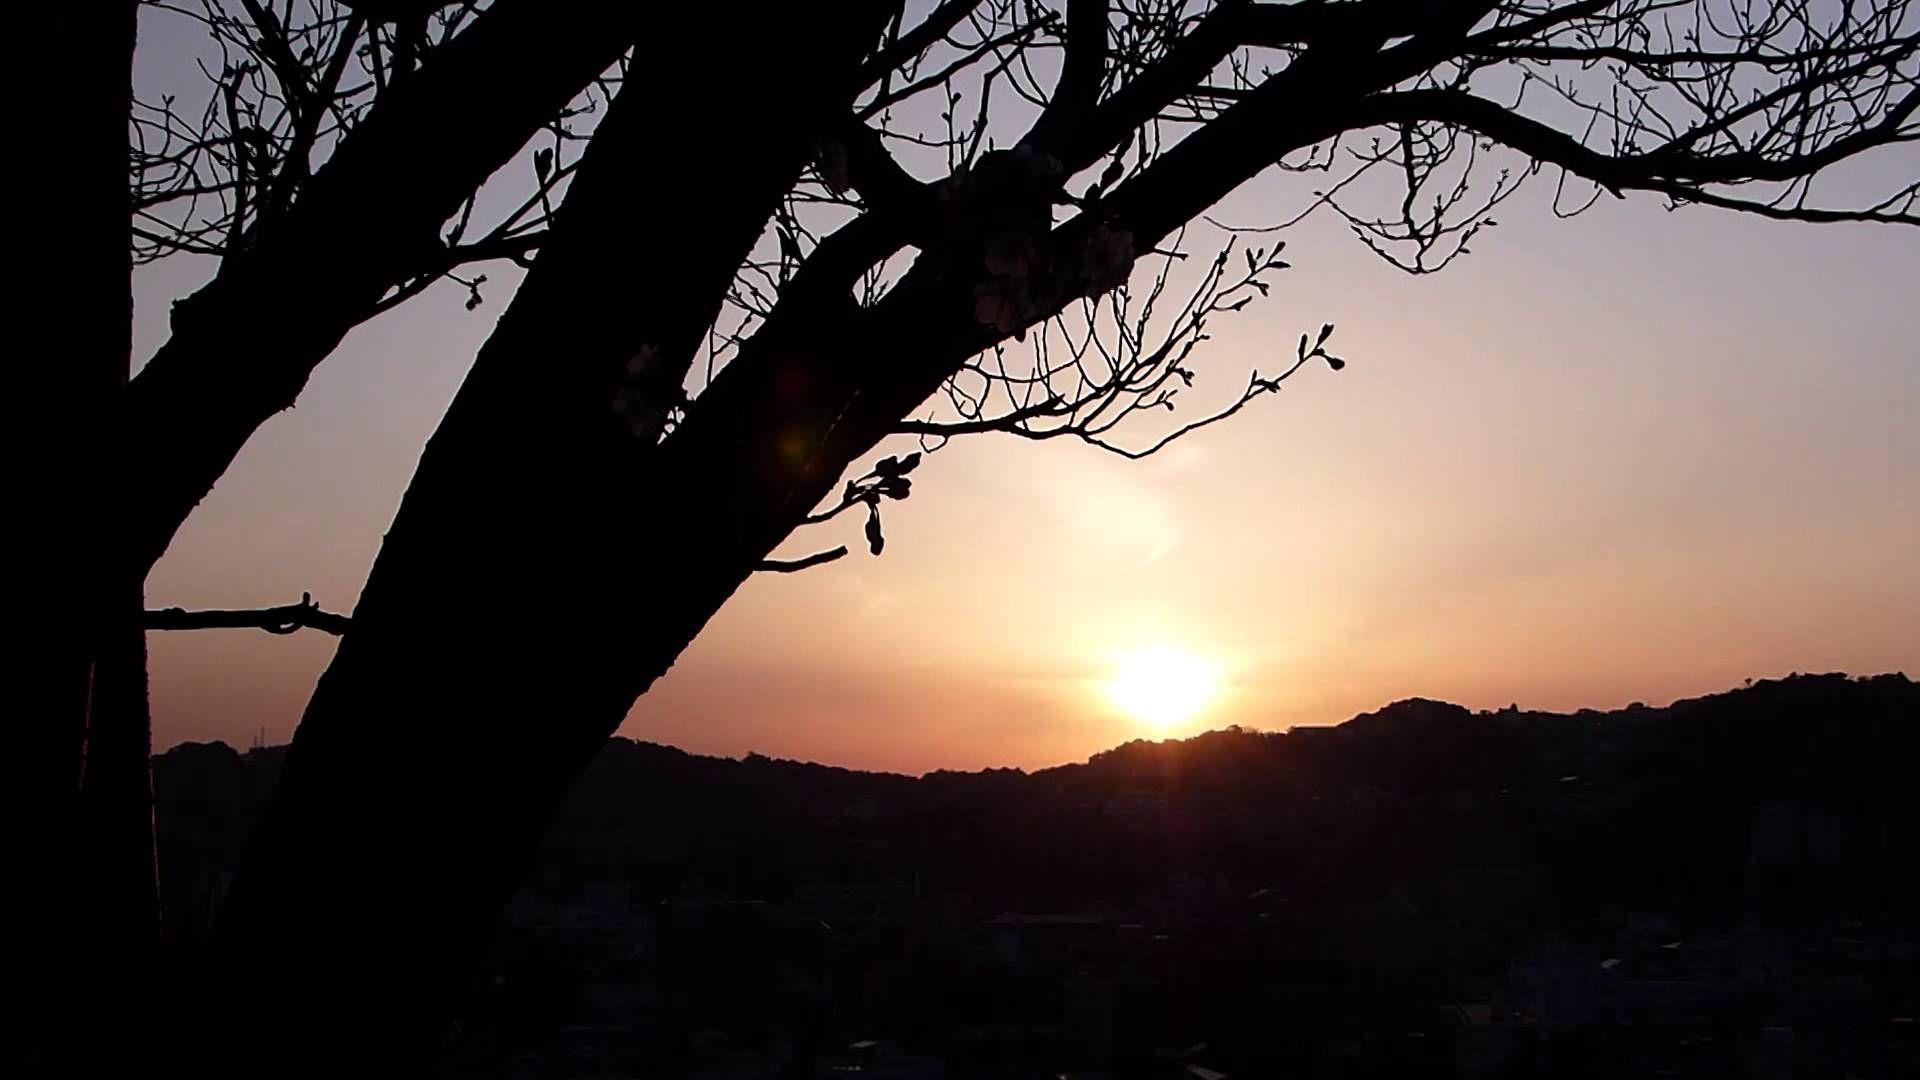 鹿児島市の光景 ソメイヨシノが咲いた彼岸の中日の夕日 Panasonic Lumix FZ200